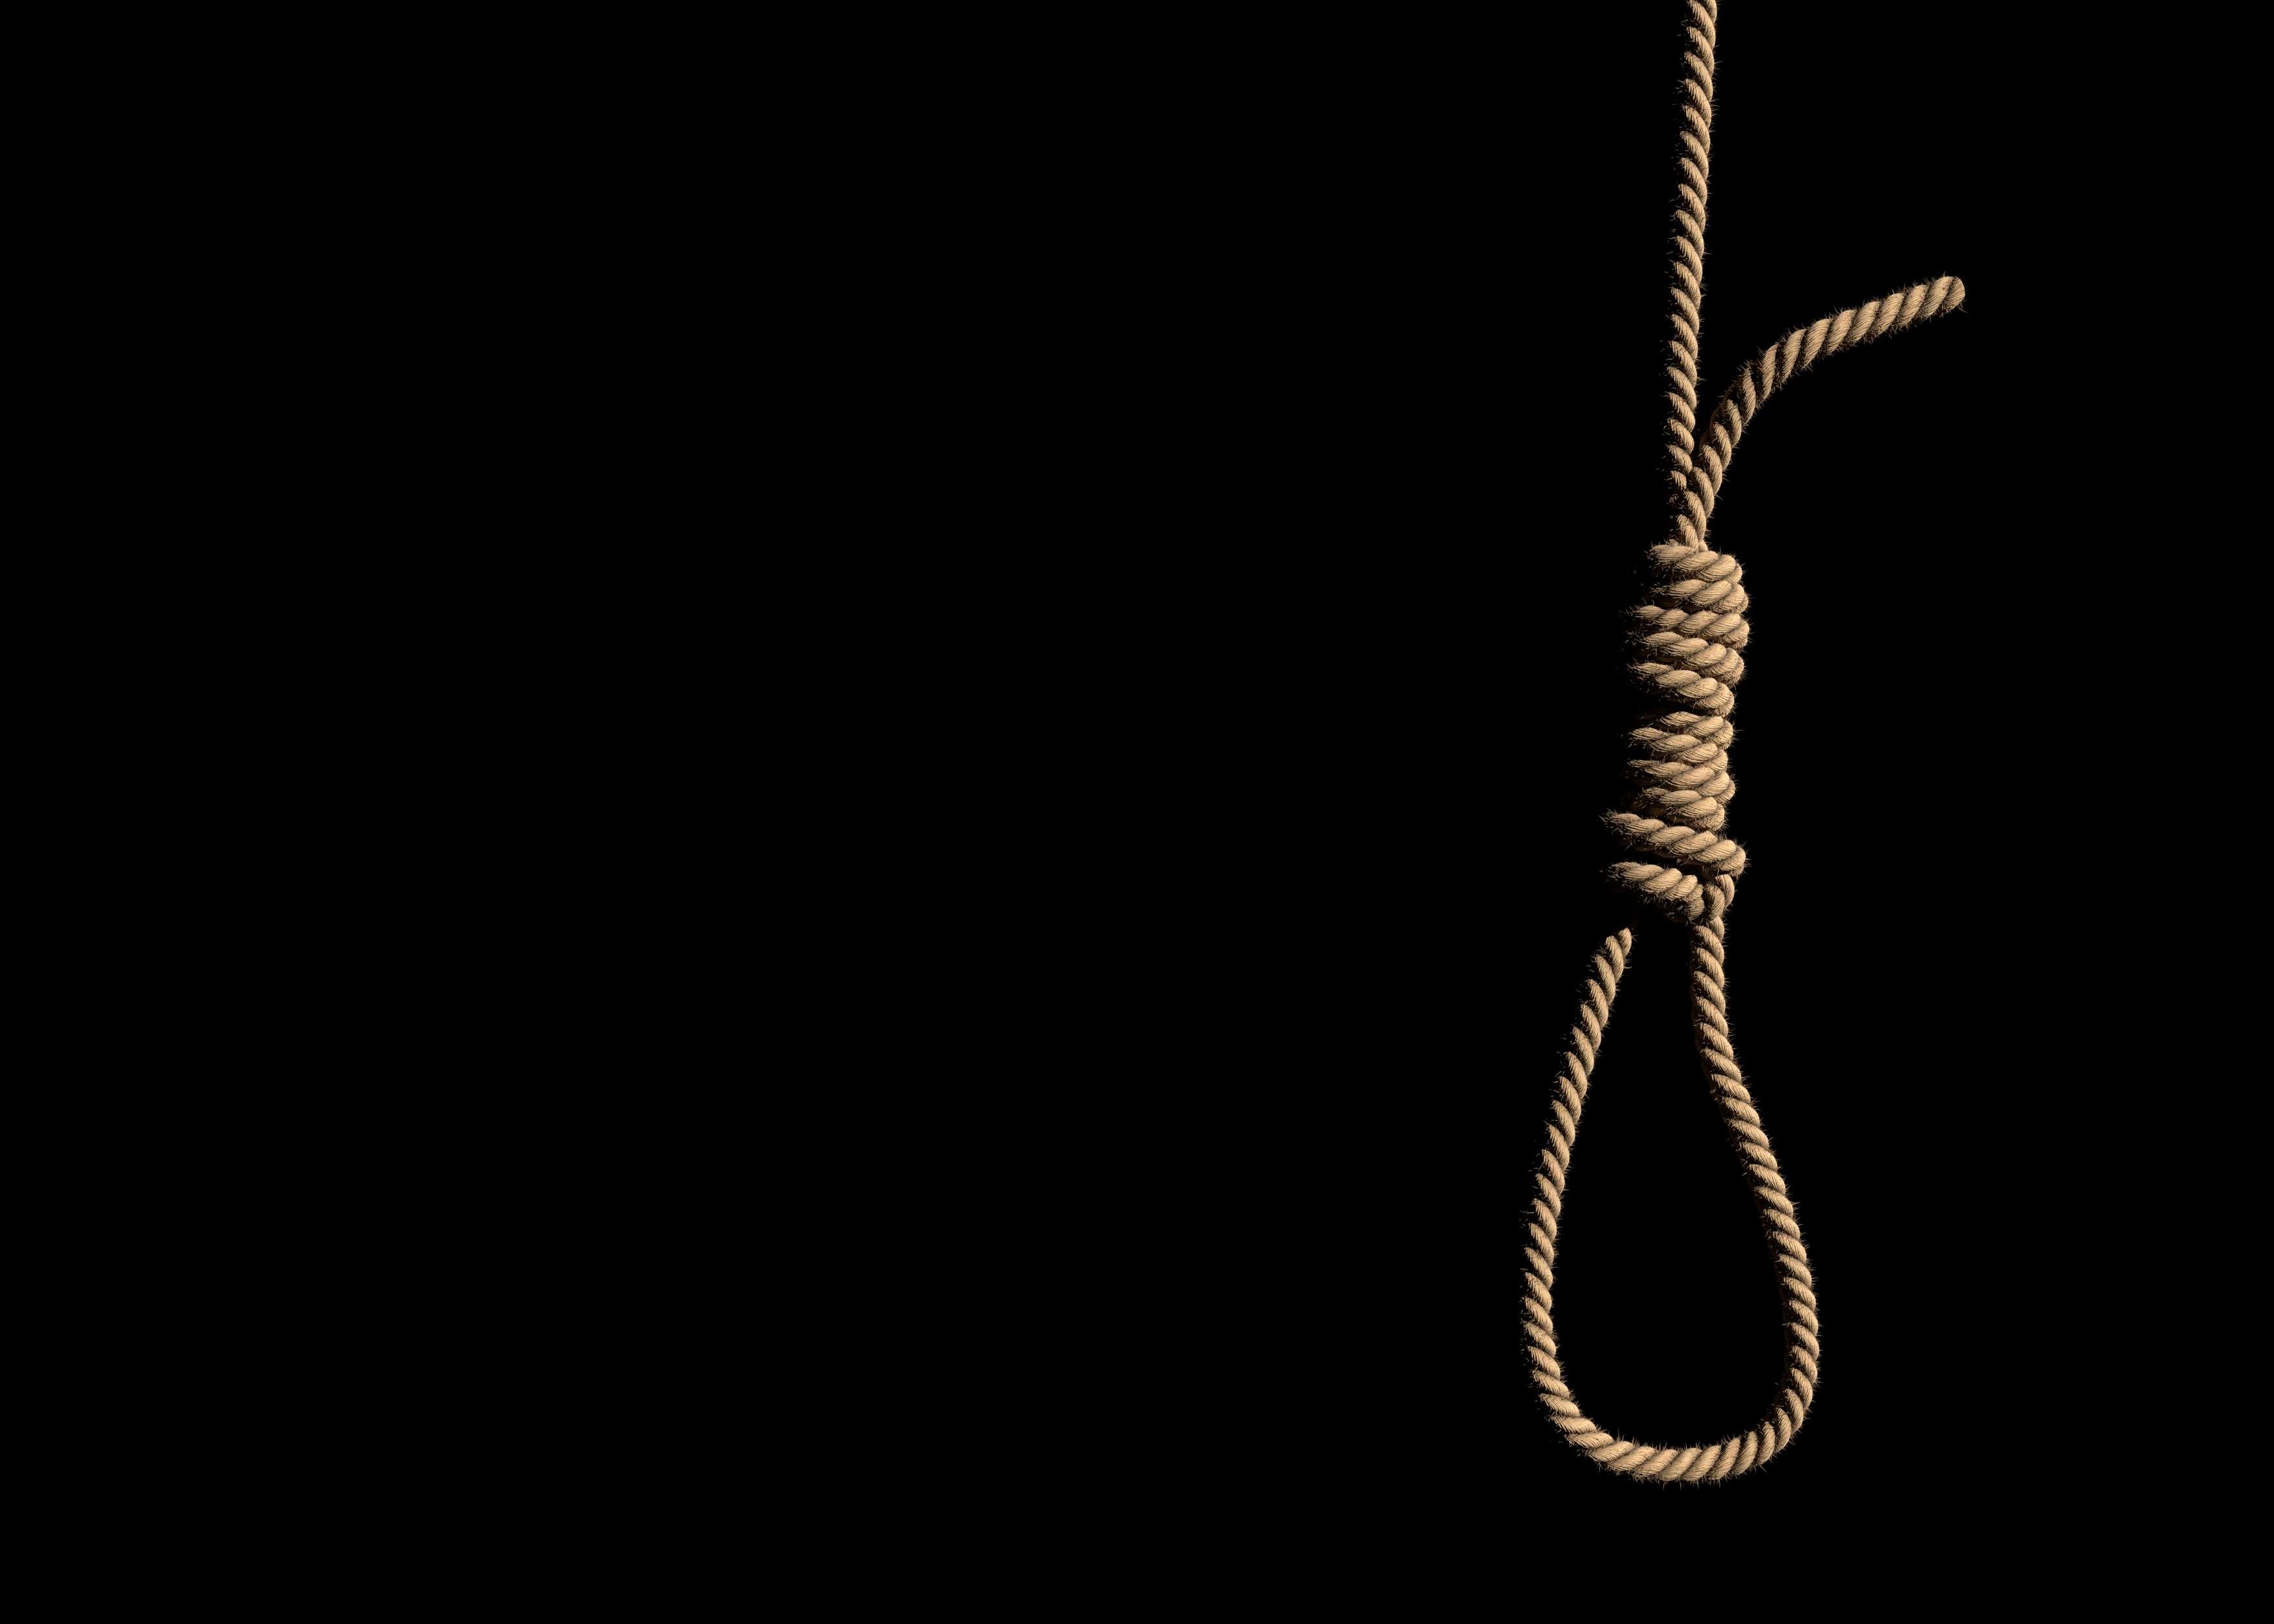 اليمن: قرارات إعدام بالجملة تعكس خطورة توظيف القضاء لتصفية الحسابات السياسية